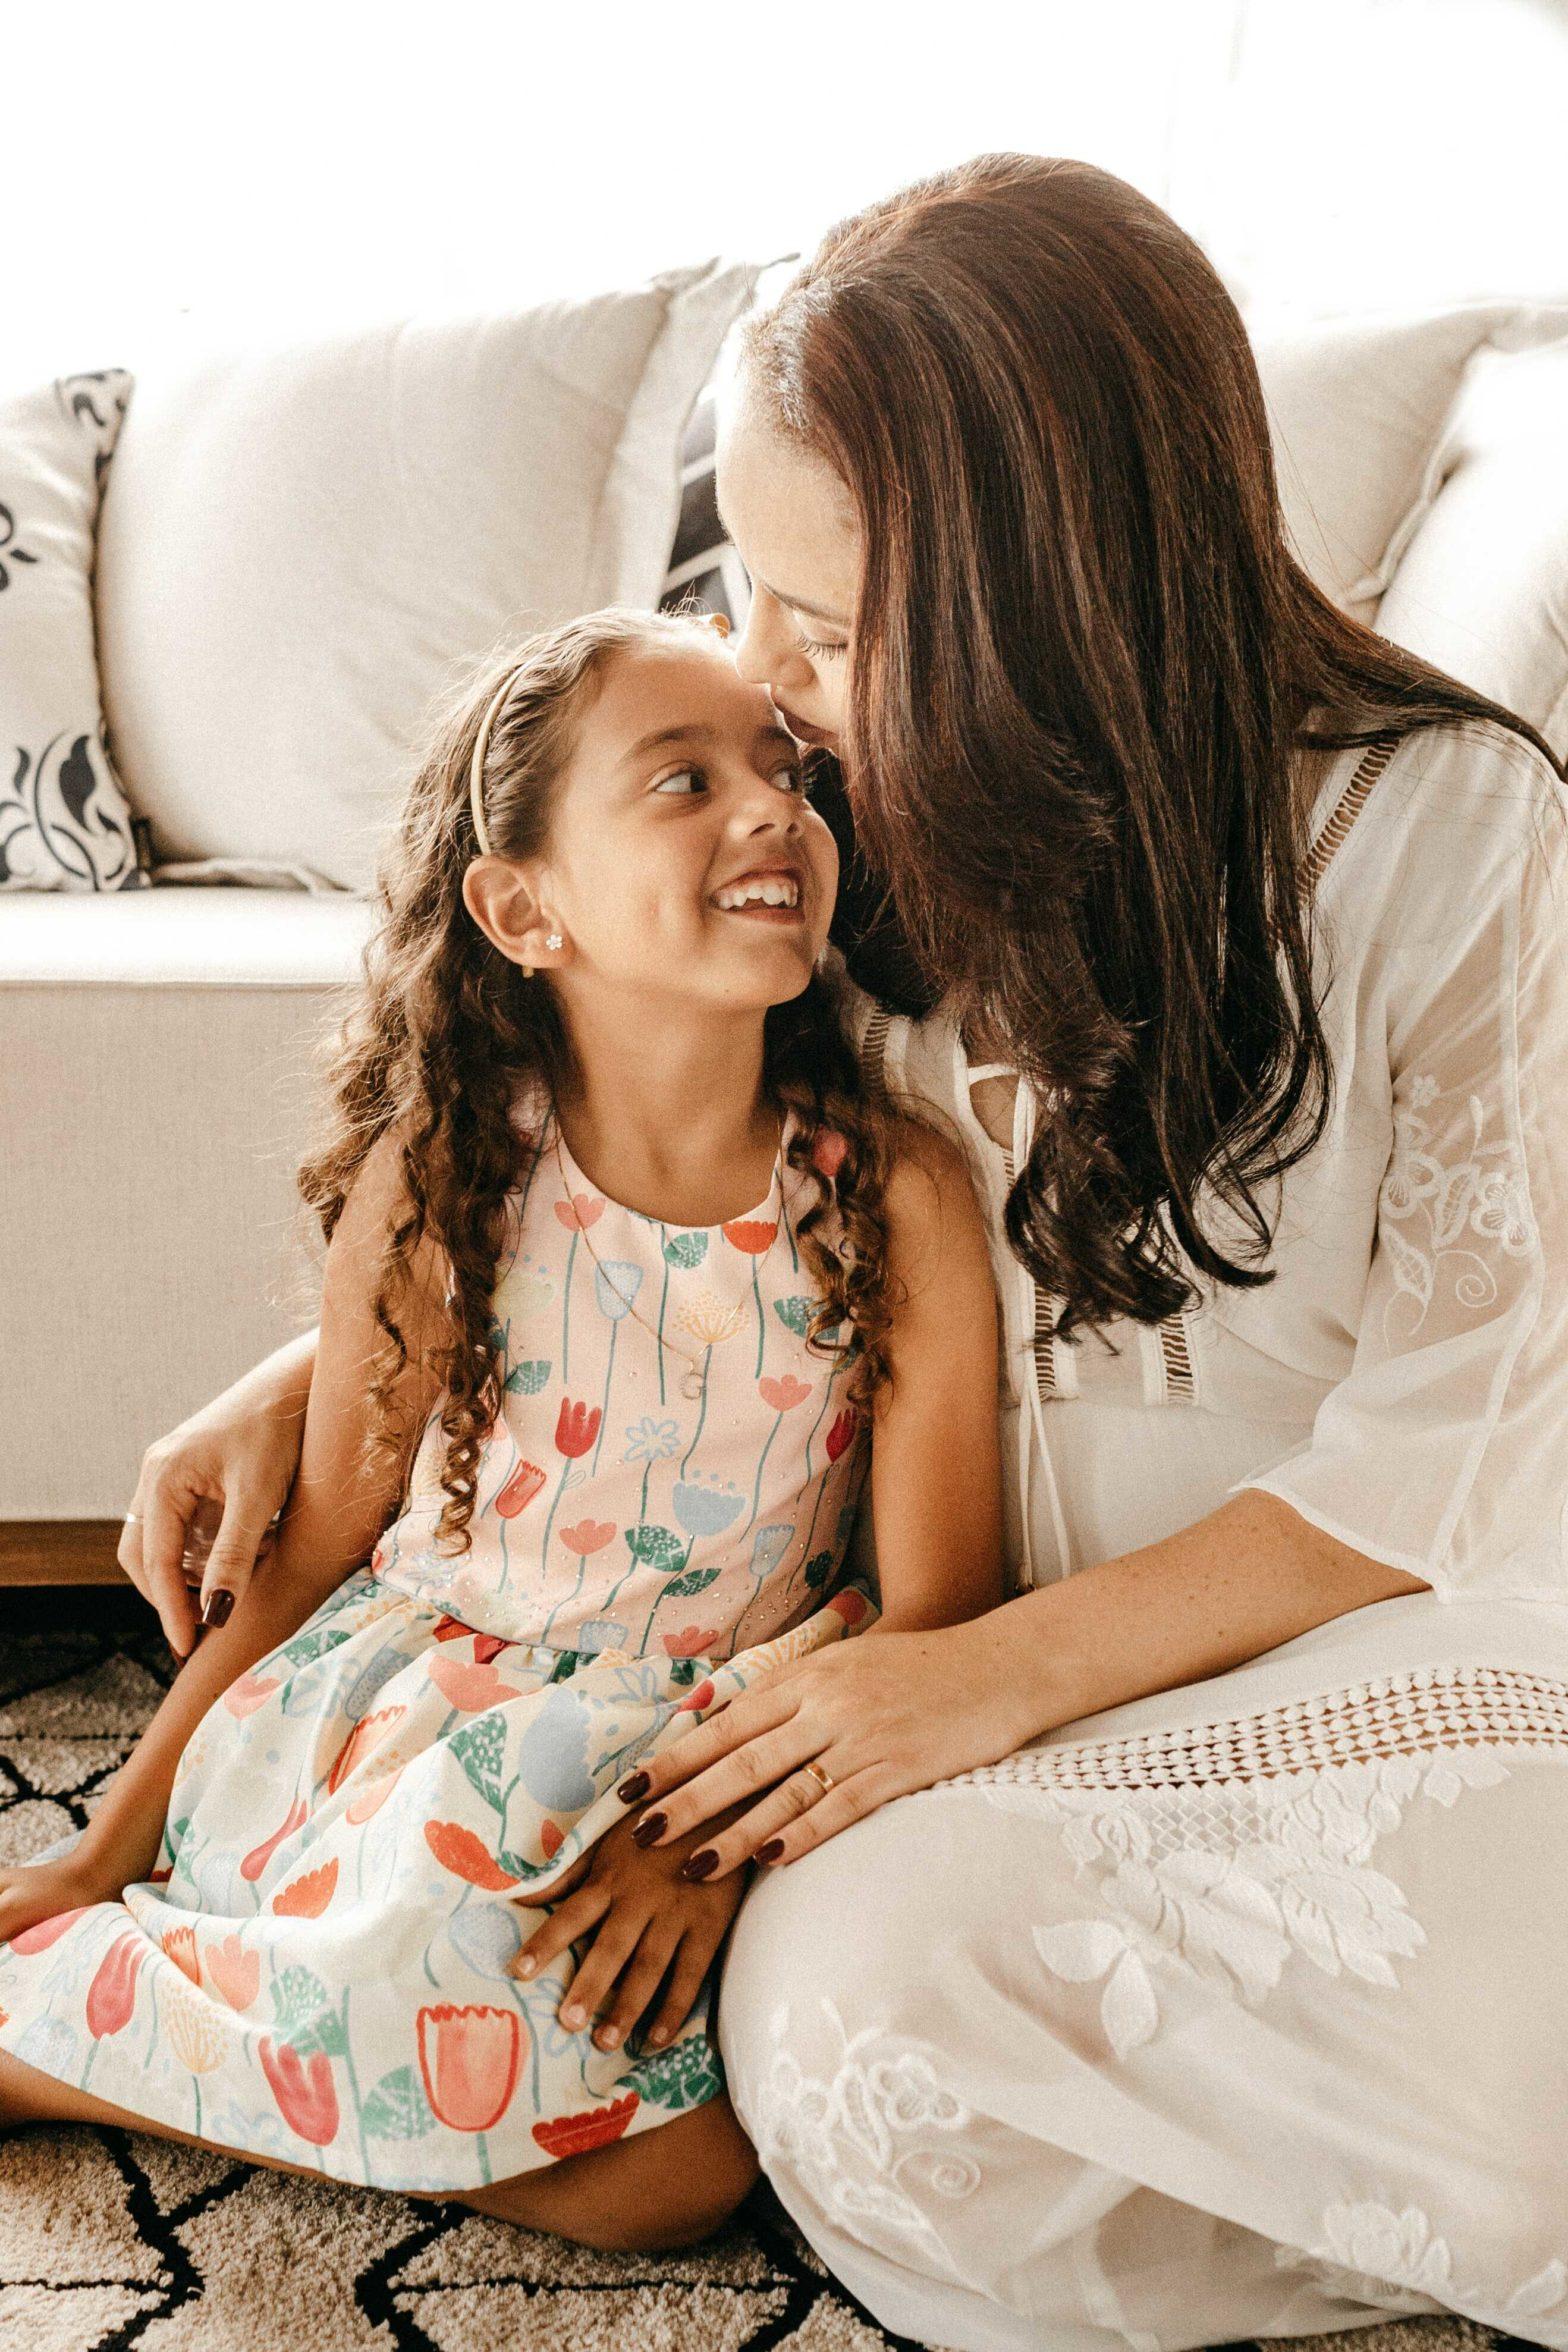 איך מעודדים ילד לשתף אותנו